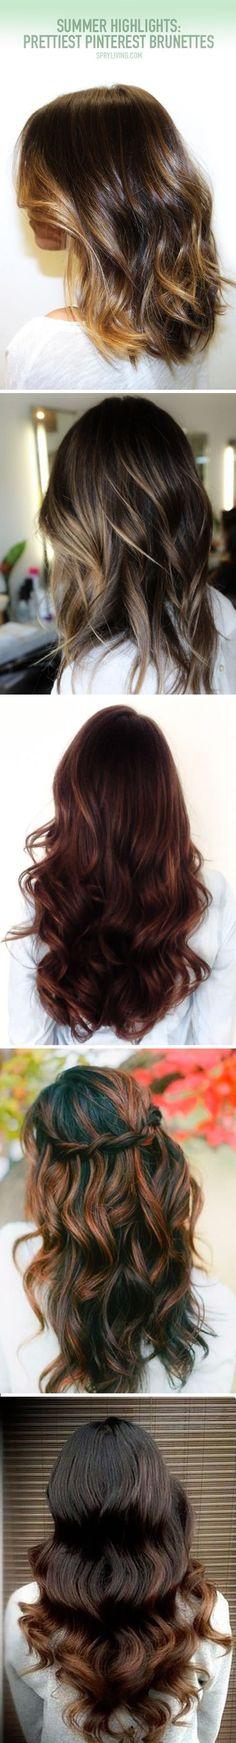 La tendance des couleur cet été sur votre site préféré coiffure simple. Nous avons sélectionné pour vous la collection des couleurs les plus magnifiques à essayer cet été inspirée de PINTEREST. Profitez ! …